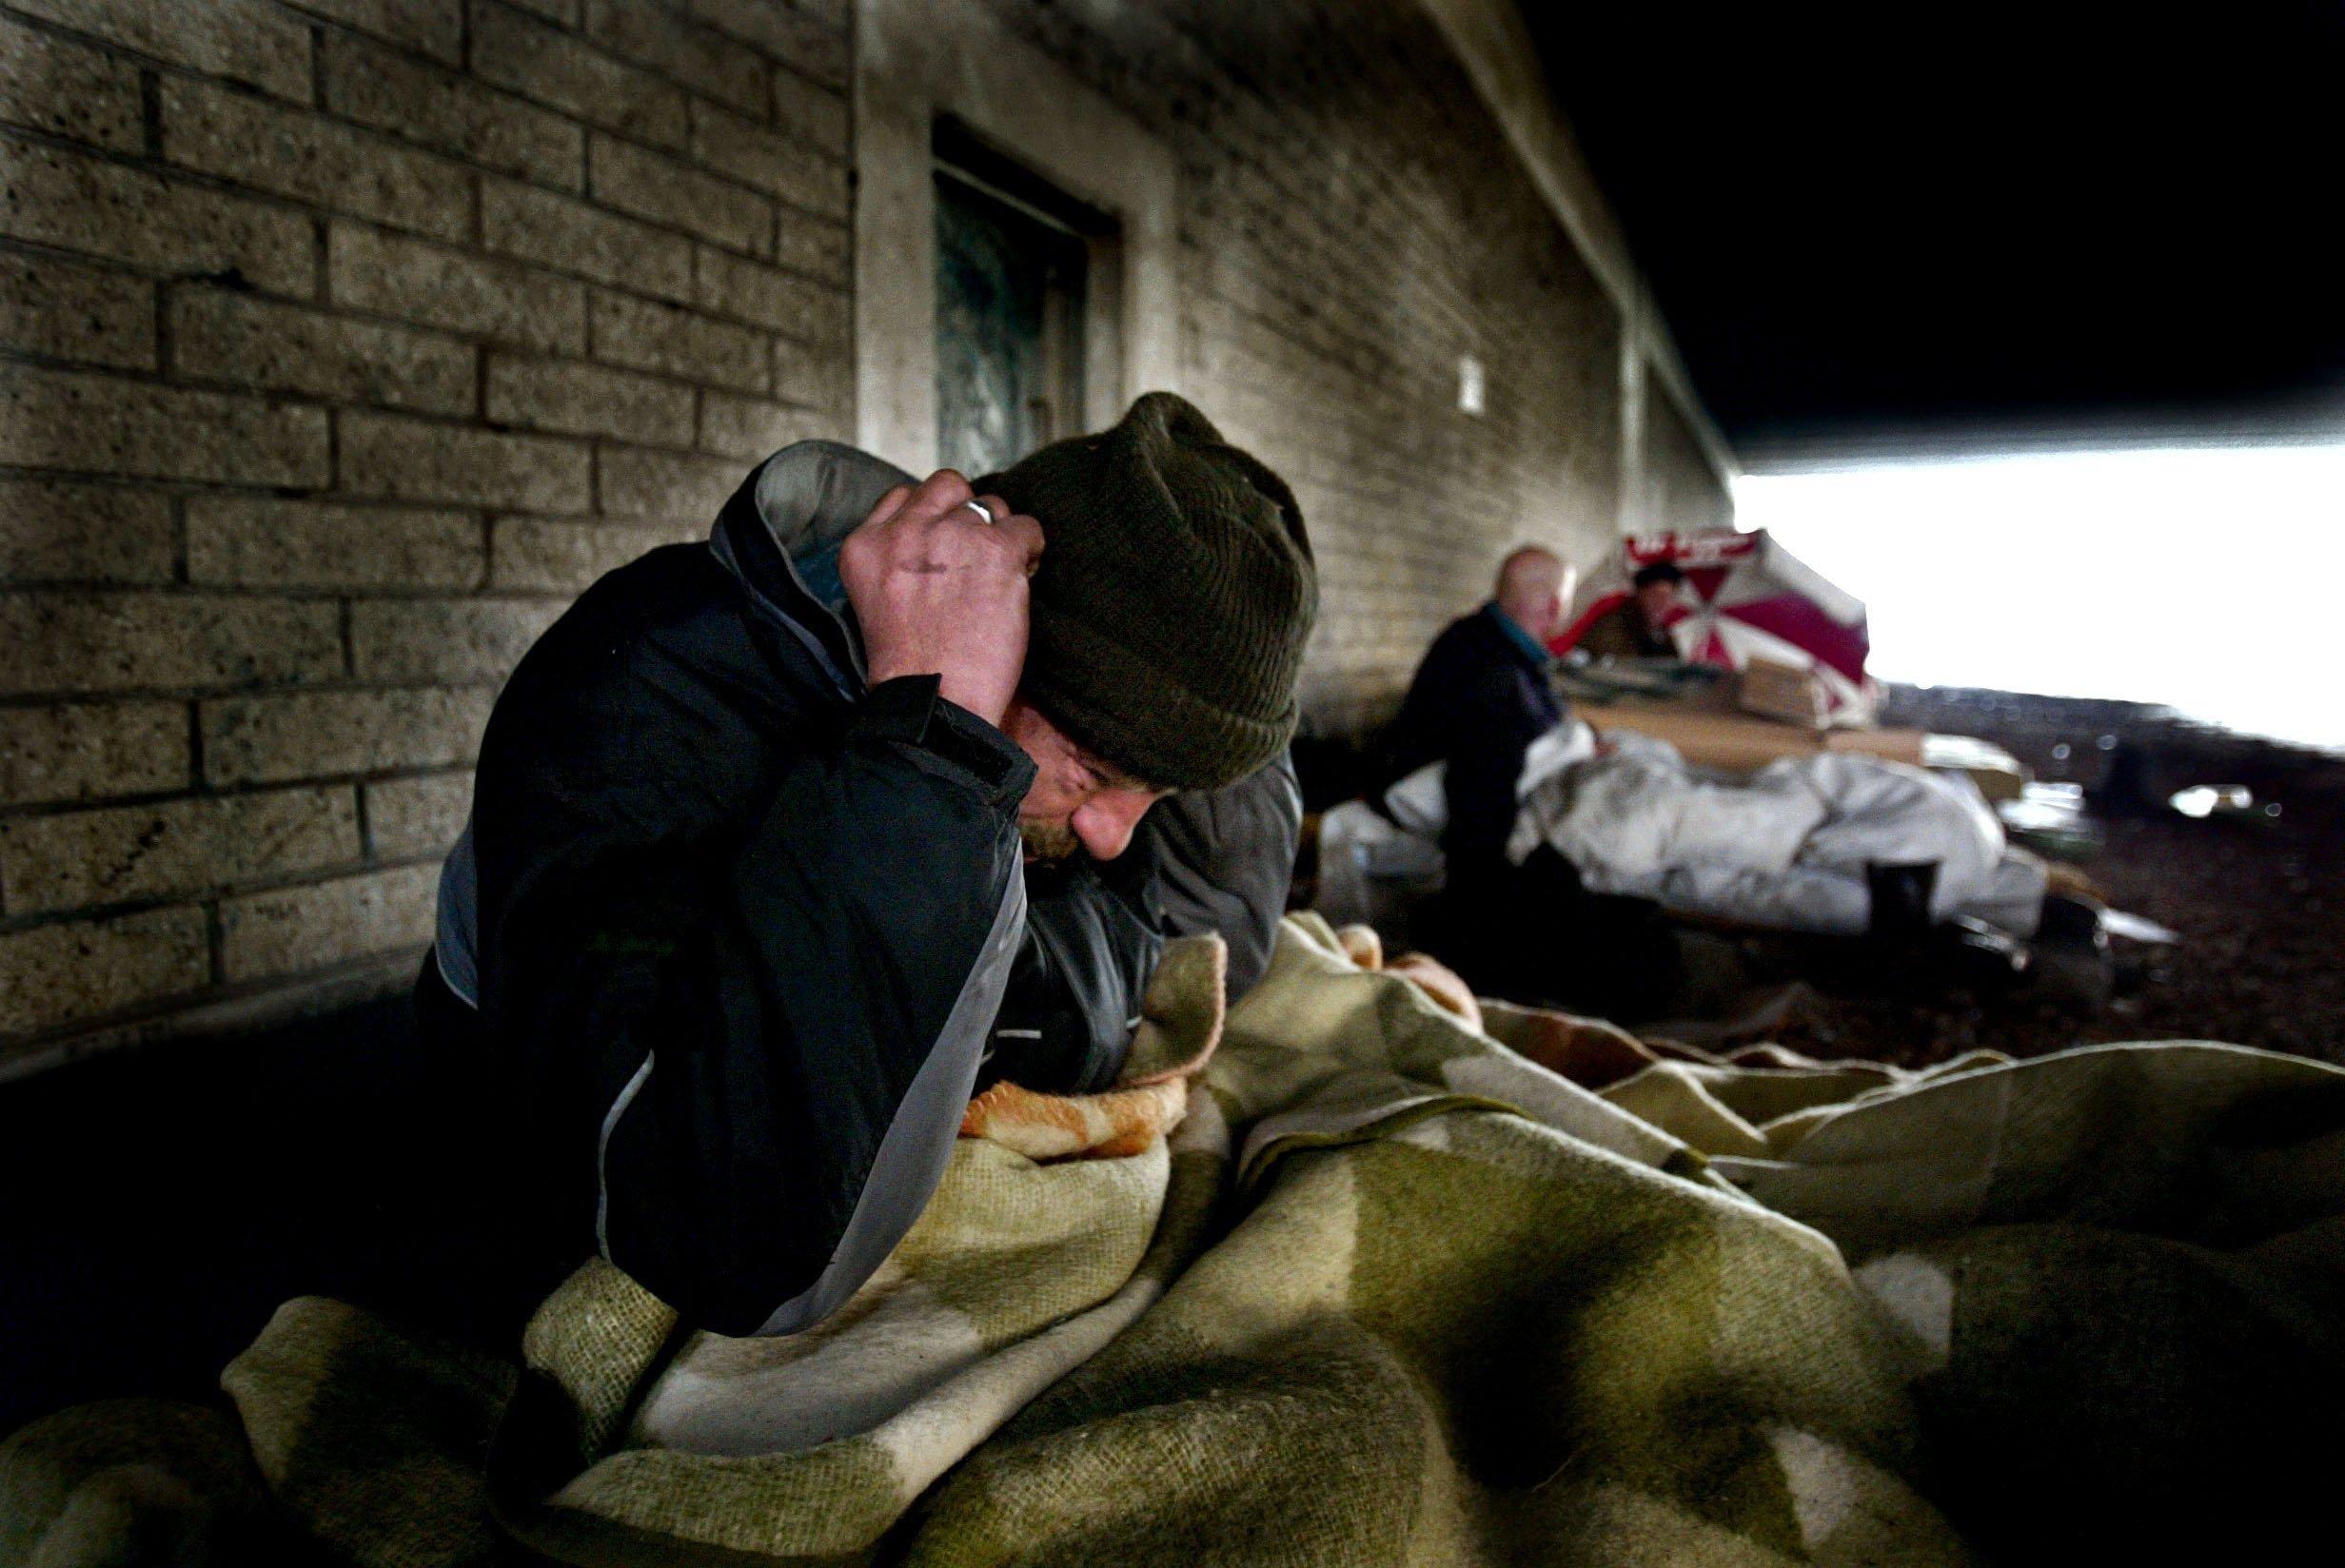 Eerlijke daklozen krijgen een muntje | column 60 seconden